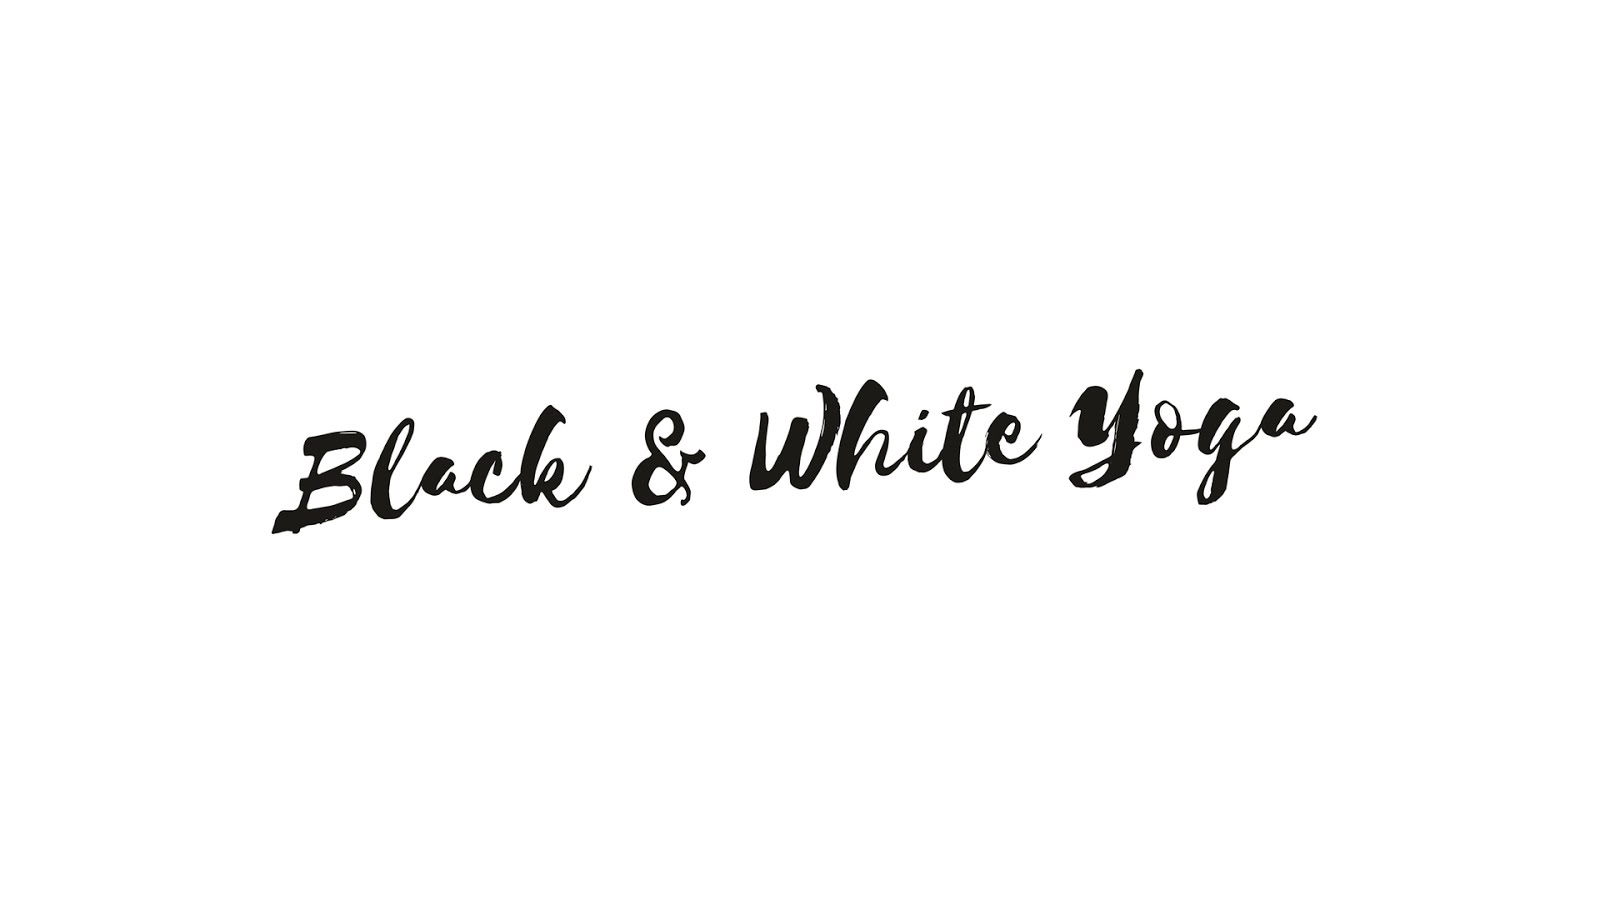 Black&WhiteYoga